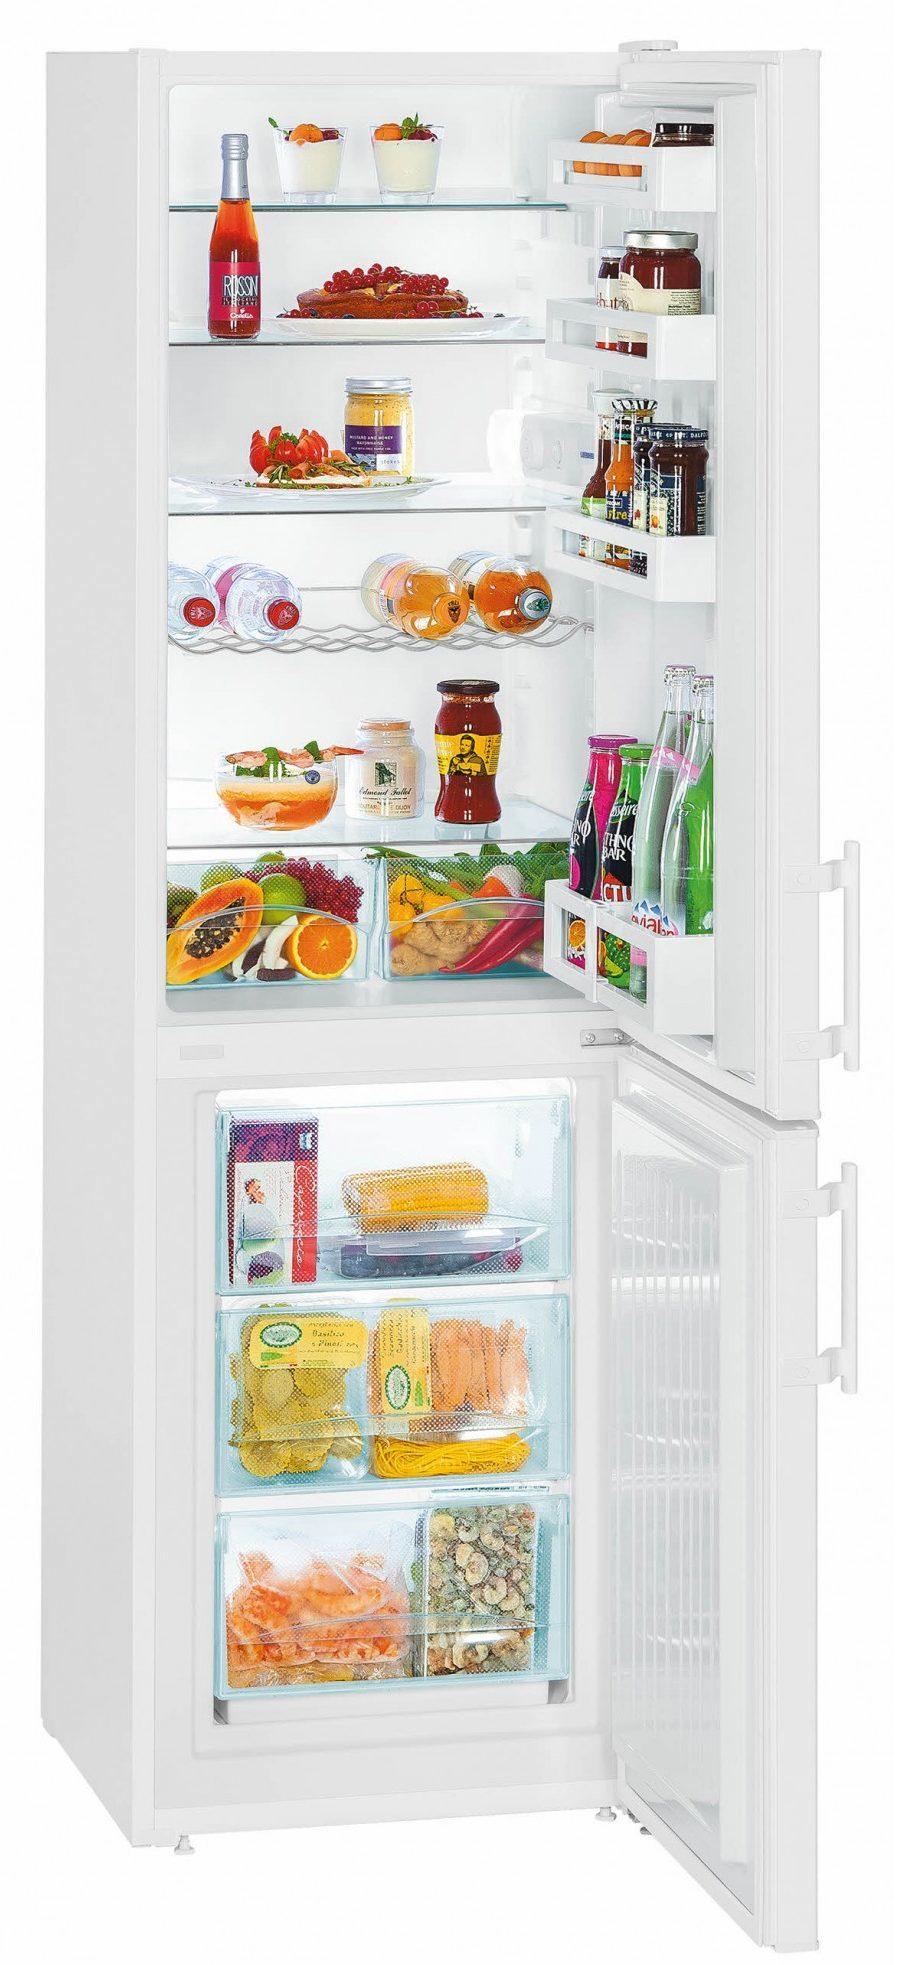 Уложиться в бюджет_холодильники_ч1 - холодильник hansa с продуктами